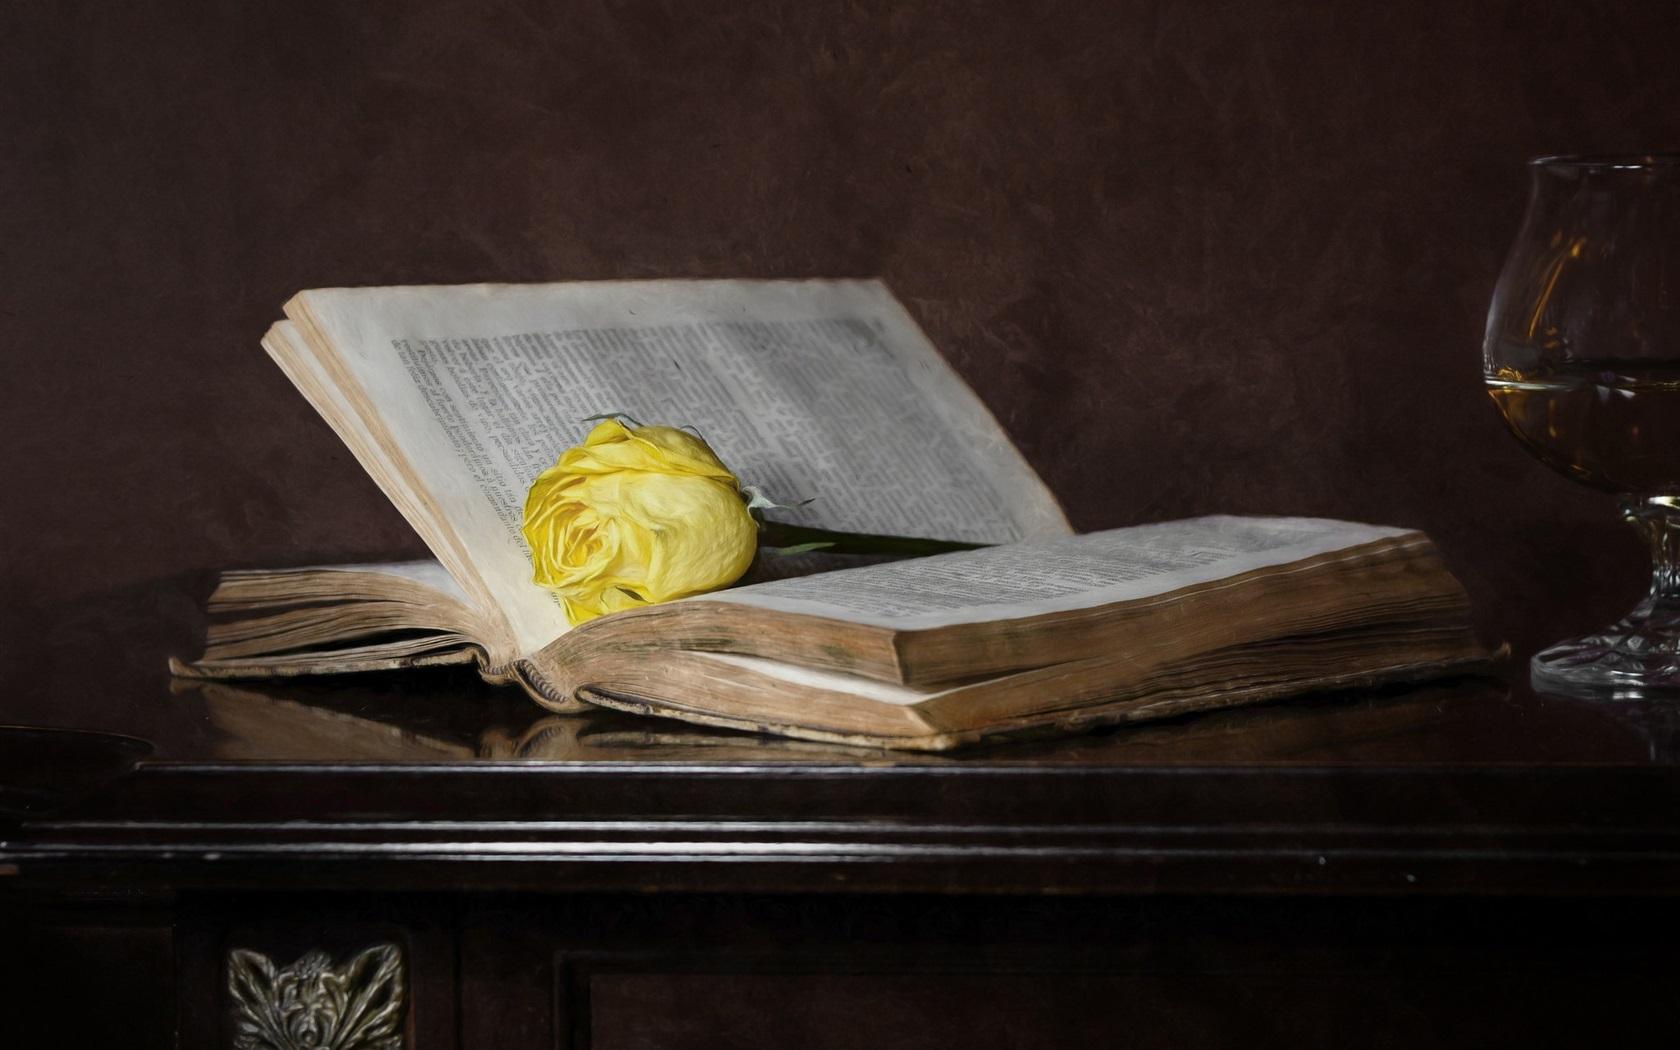 Buenos días, tardes, noches. Old-book-yellow-rose_1680x1050